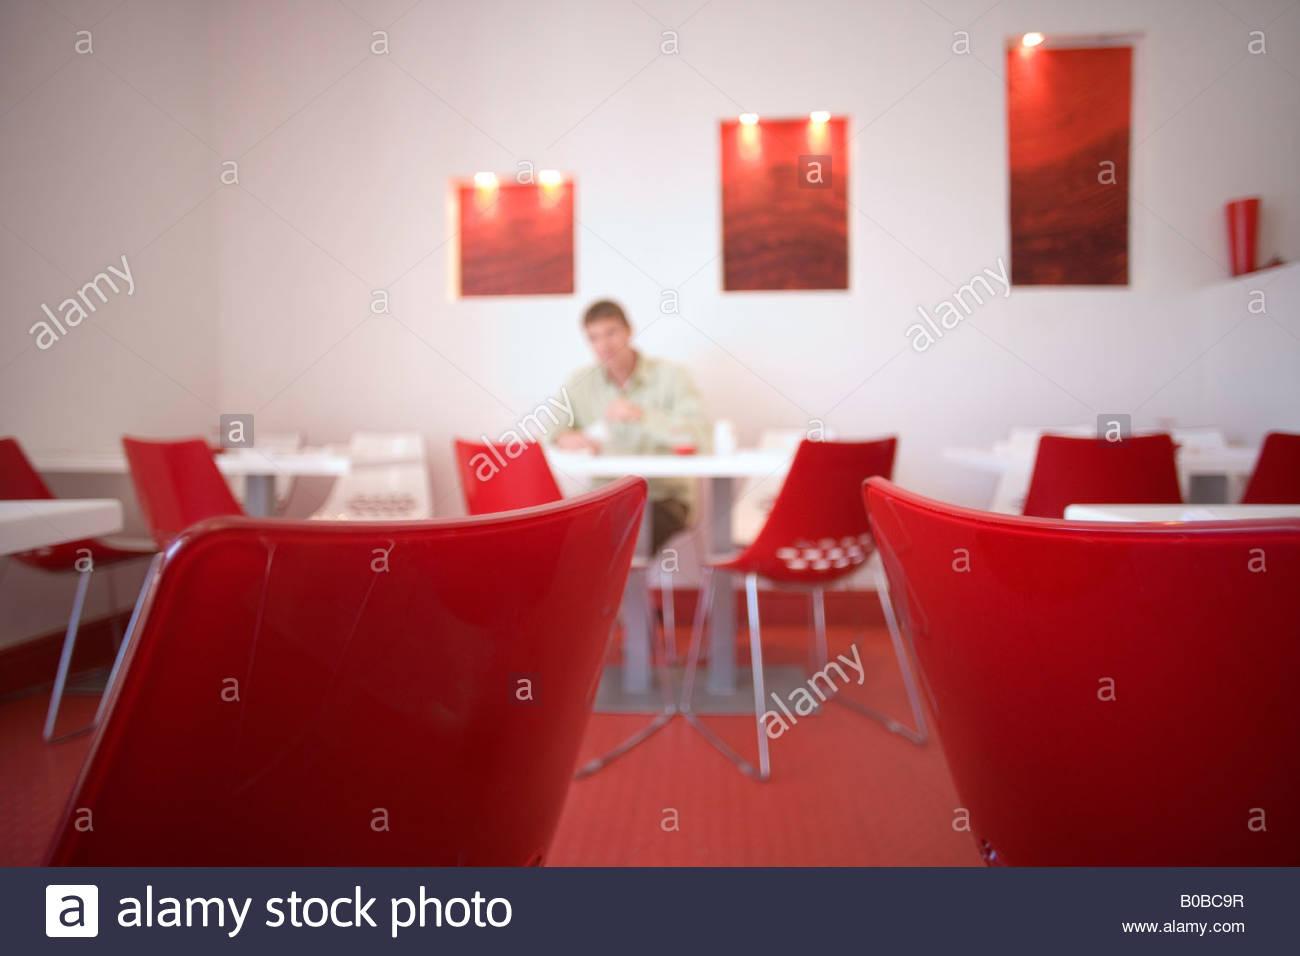 Hombre sentado a la mesa en la moderna cafetería con decoración en blanco y rojo, se centran en la mesa Imagen De Stock